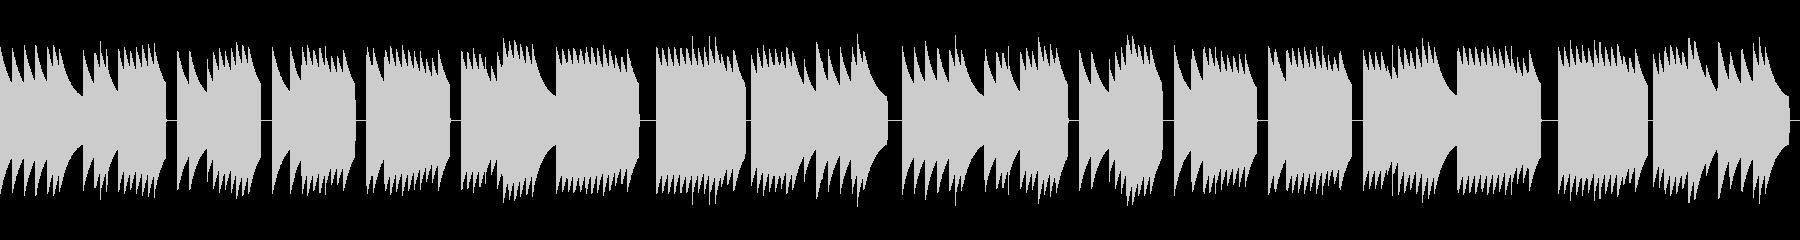 歩行者用信号機の音_とおりゃんせ_02+の未再生の波形